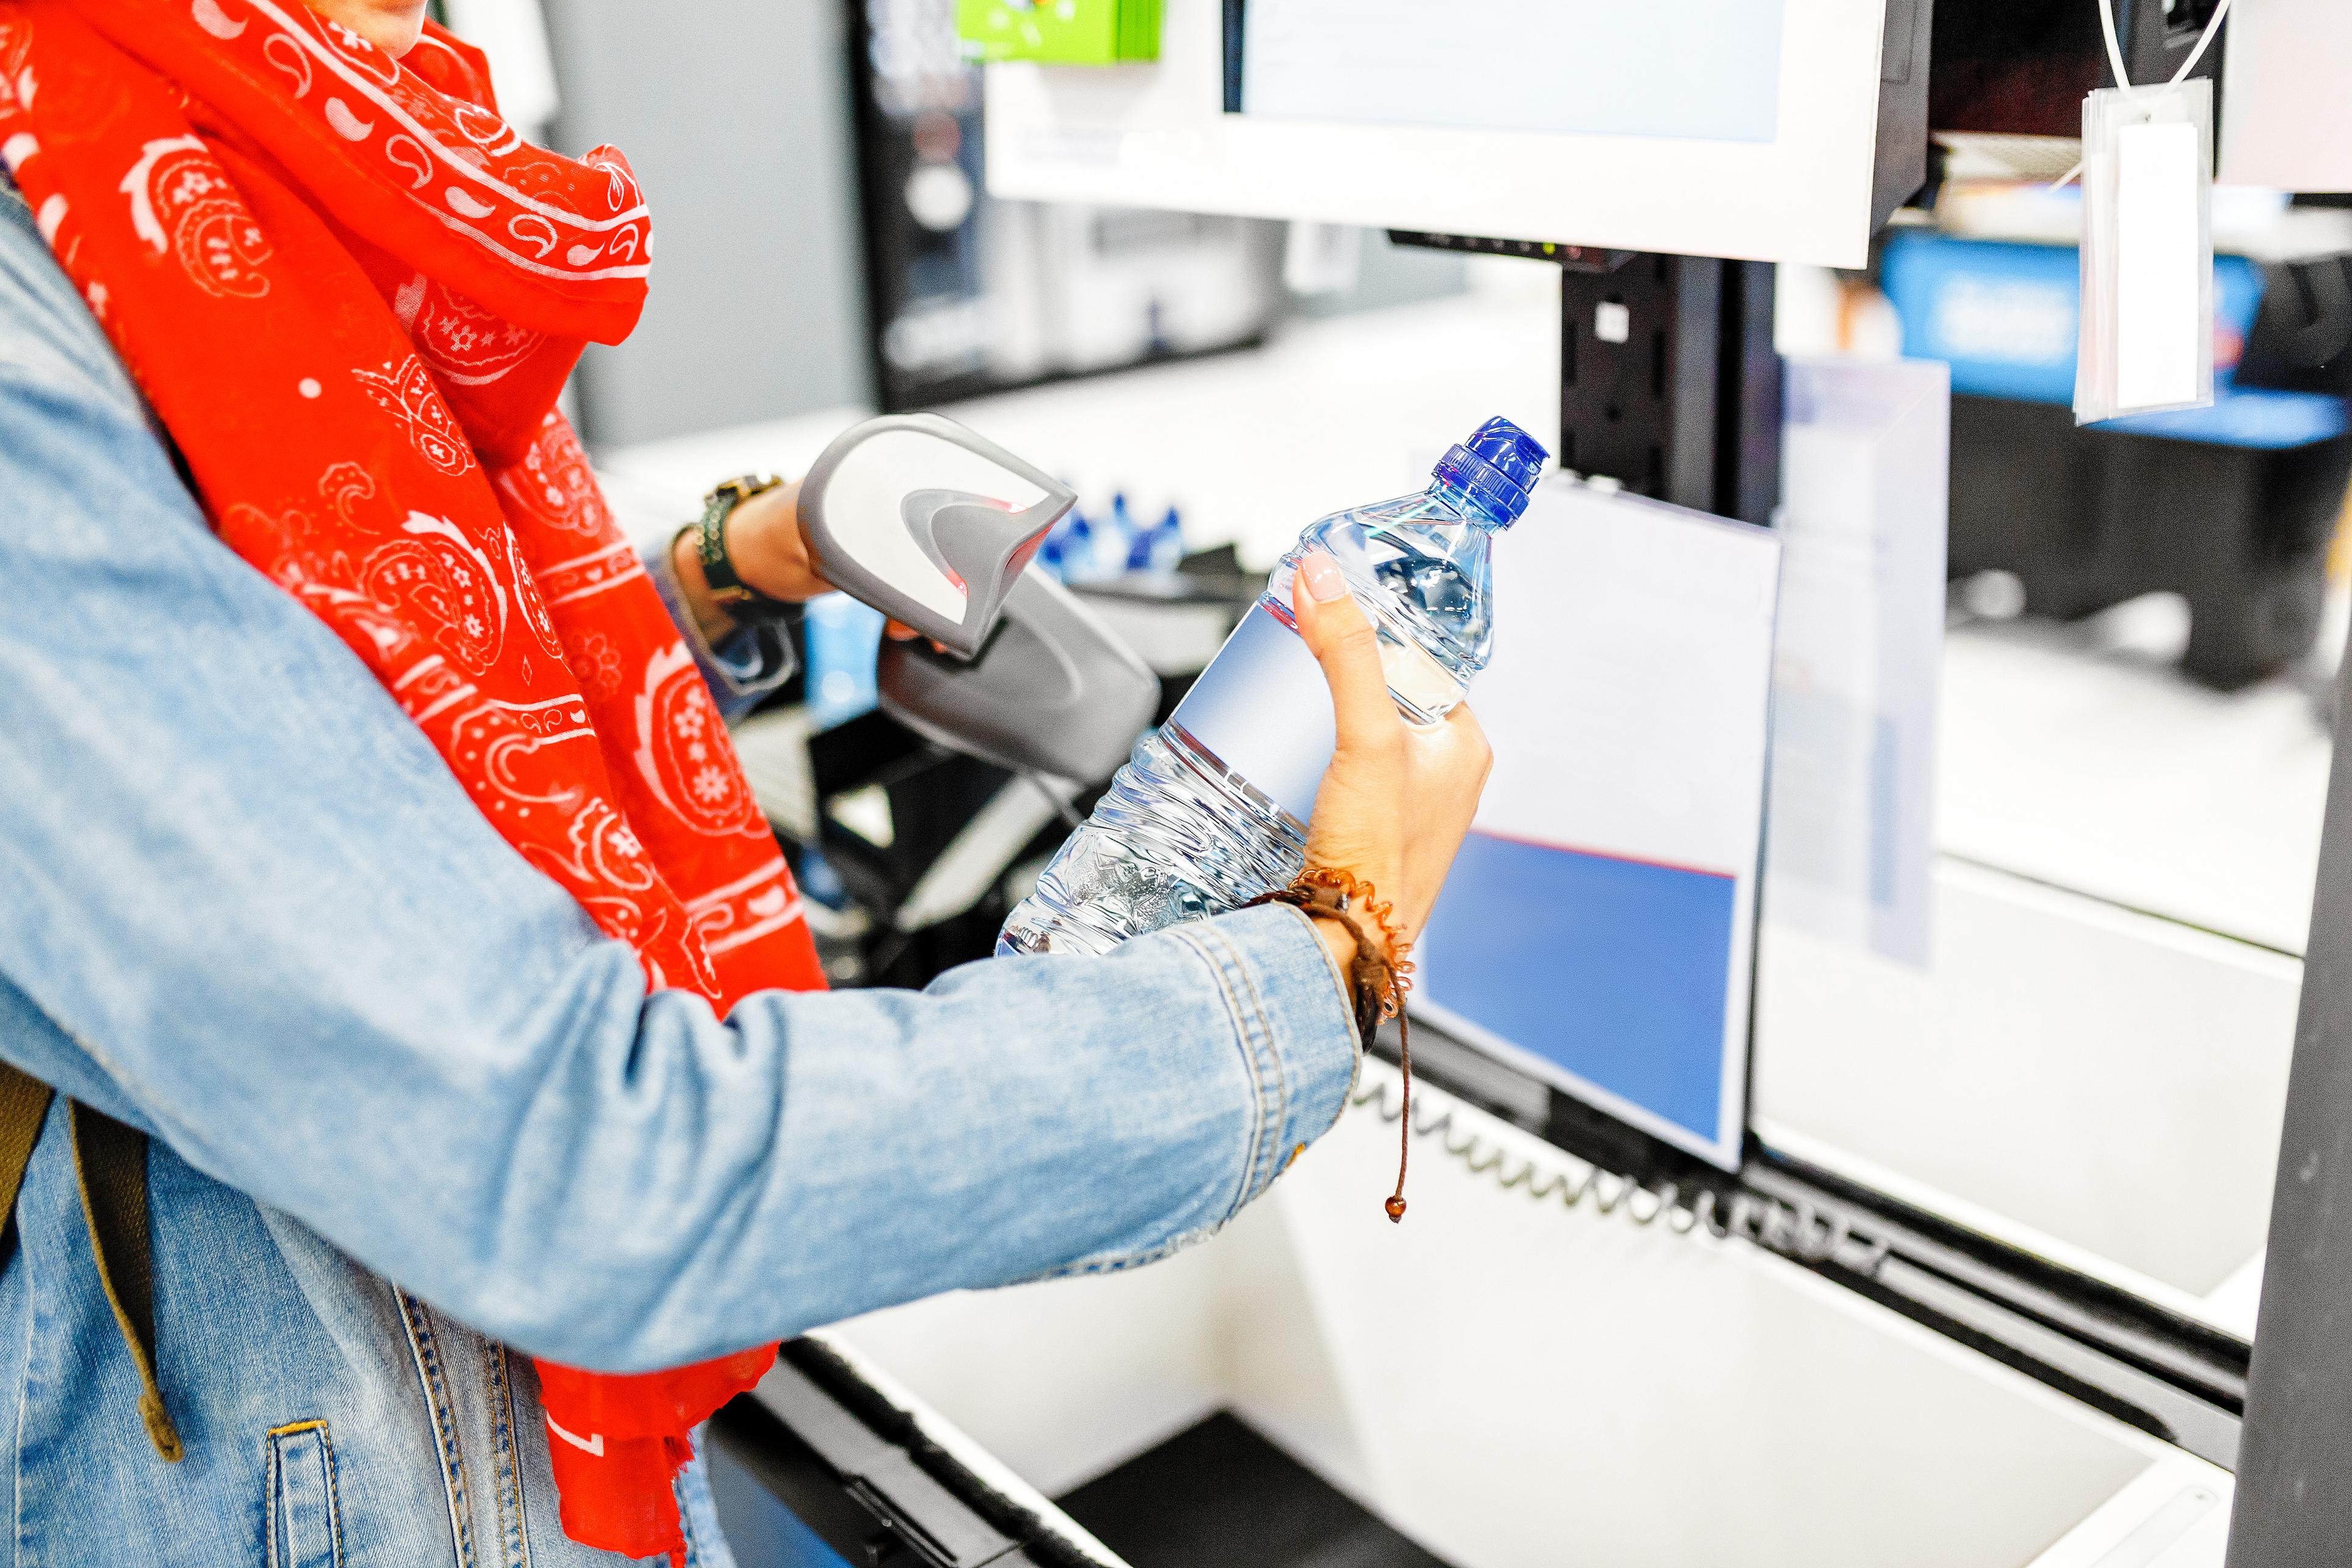 Sistemele bazate pe inteligența artificială vor reduce furturile din magazine